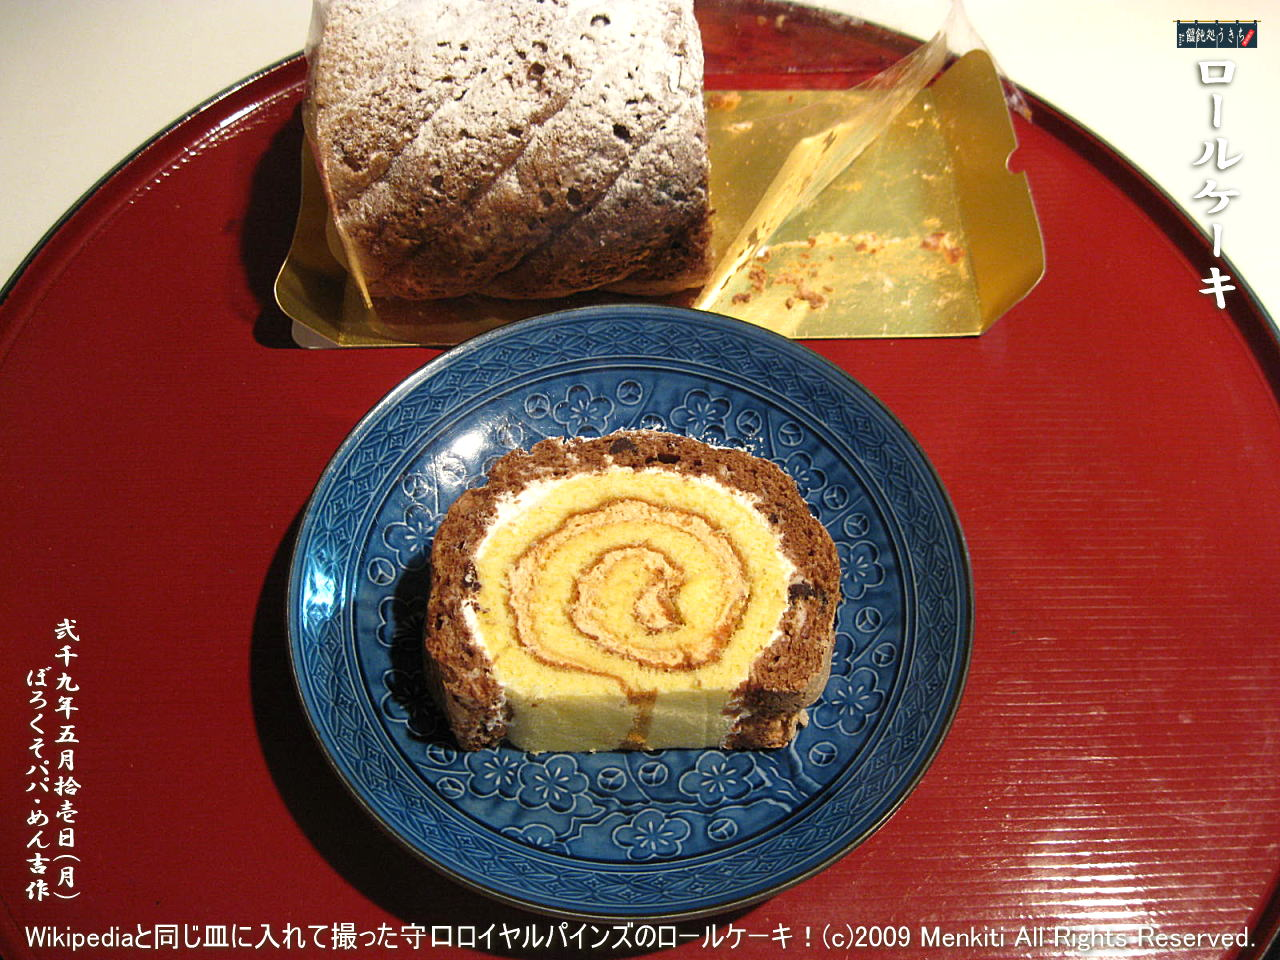 5/11(月)【ロールケーキ】Wikipediaと同じ皿に入れて撮った守口ロイヤルパインズのロールケーキ!  @キャツピ&めん吉の【ぼろくそパパの独り言】